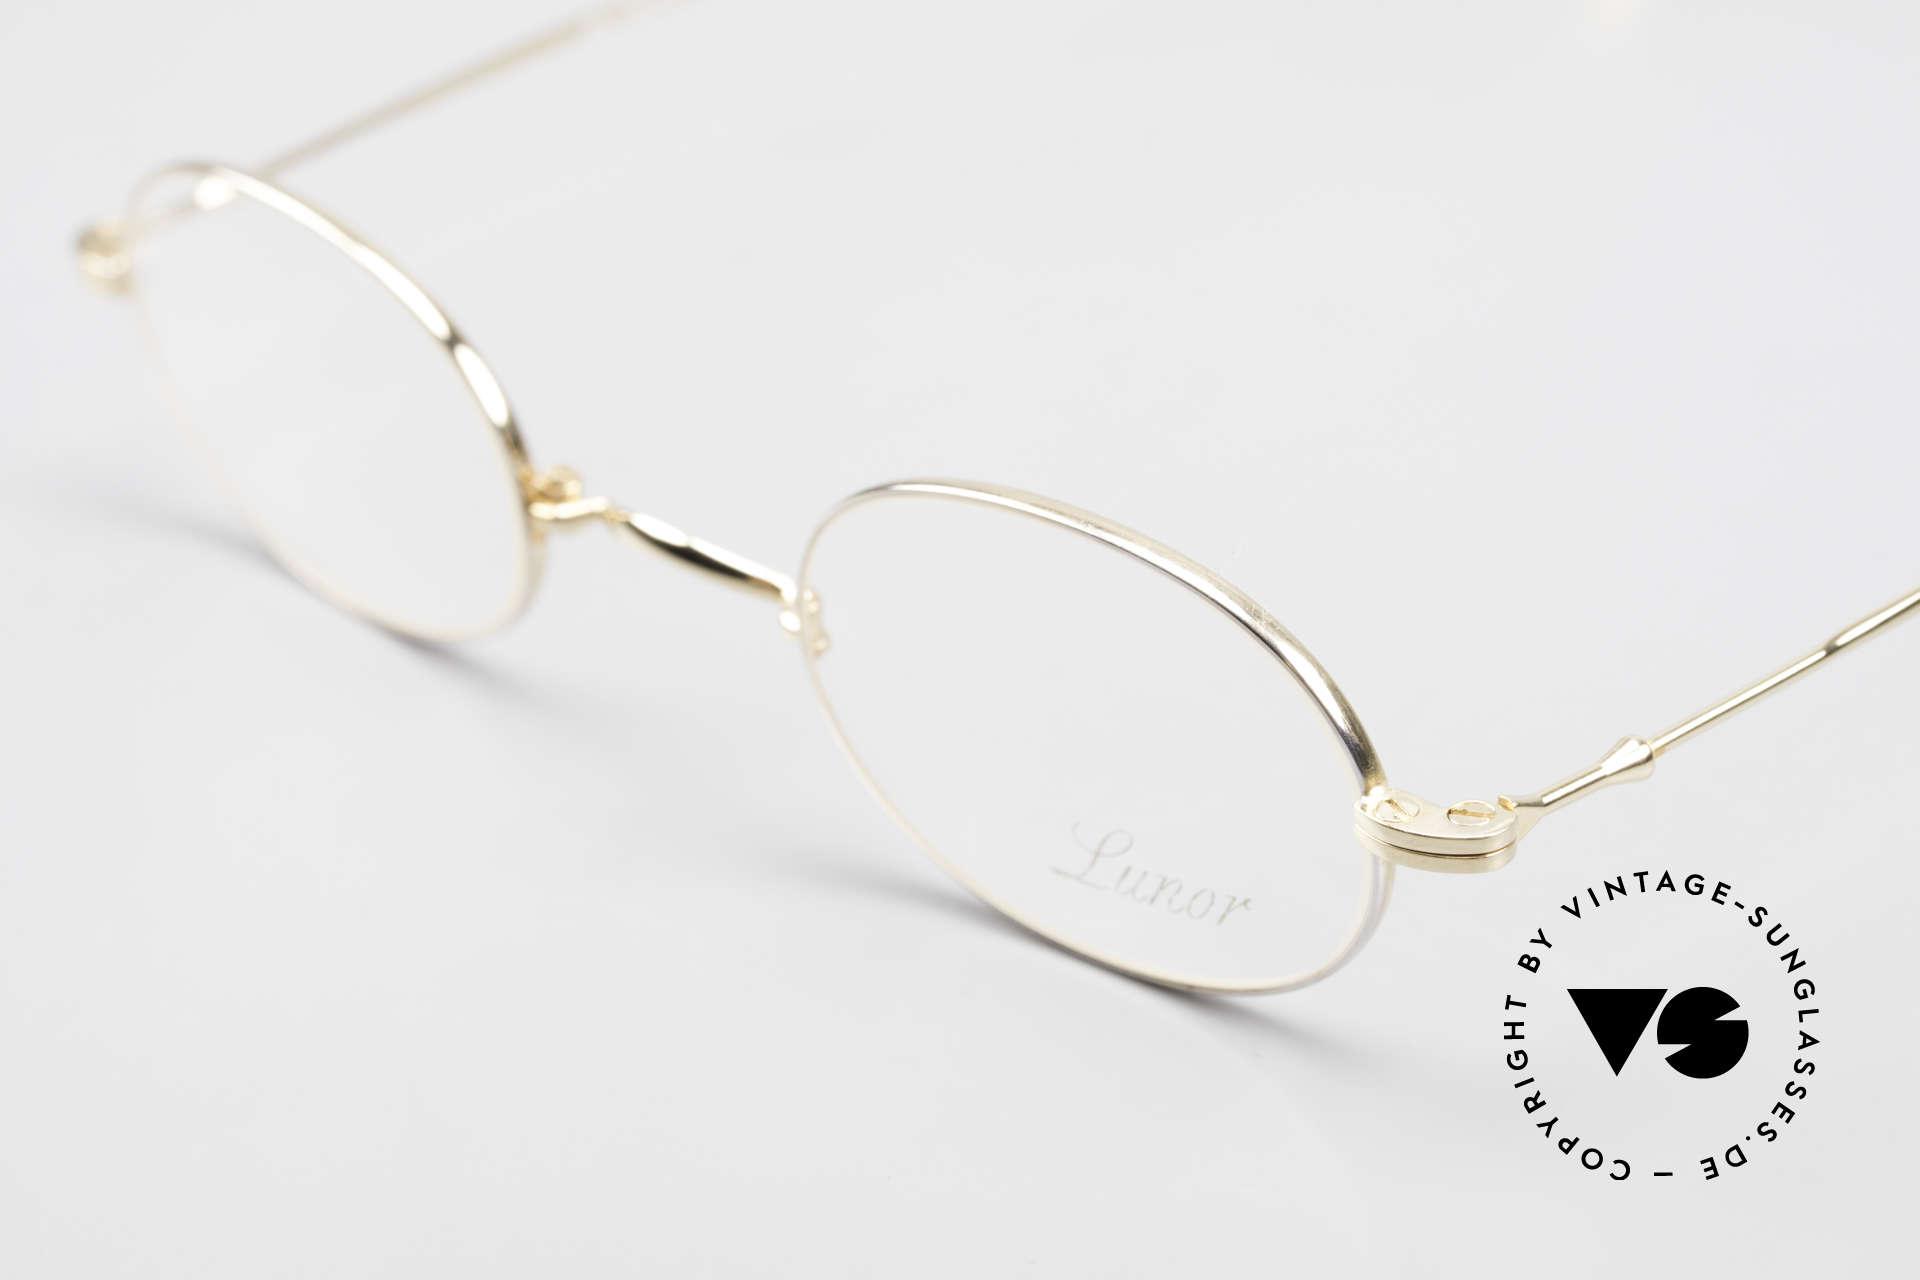 Lunor XXV Folding 04 Ovale Faltbrille Vergoldet, bekannt für den W-Steg und die schlichten Formen, Passend für Herren und Damen